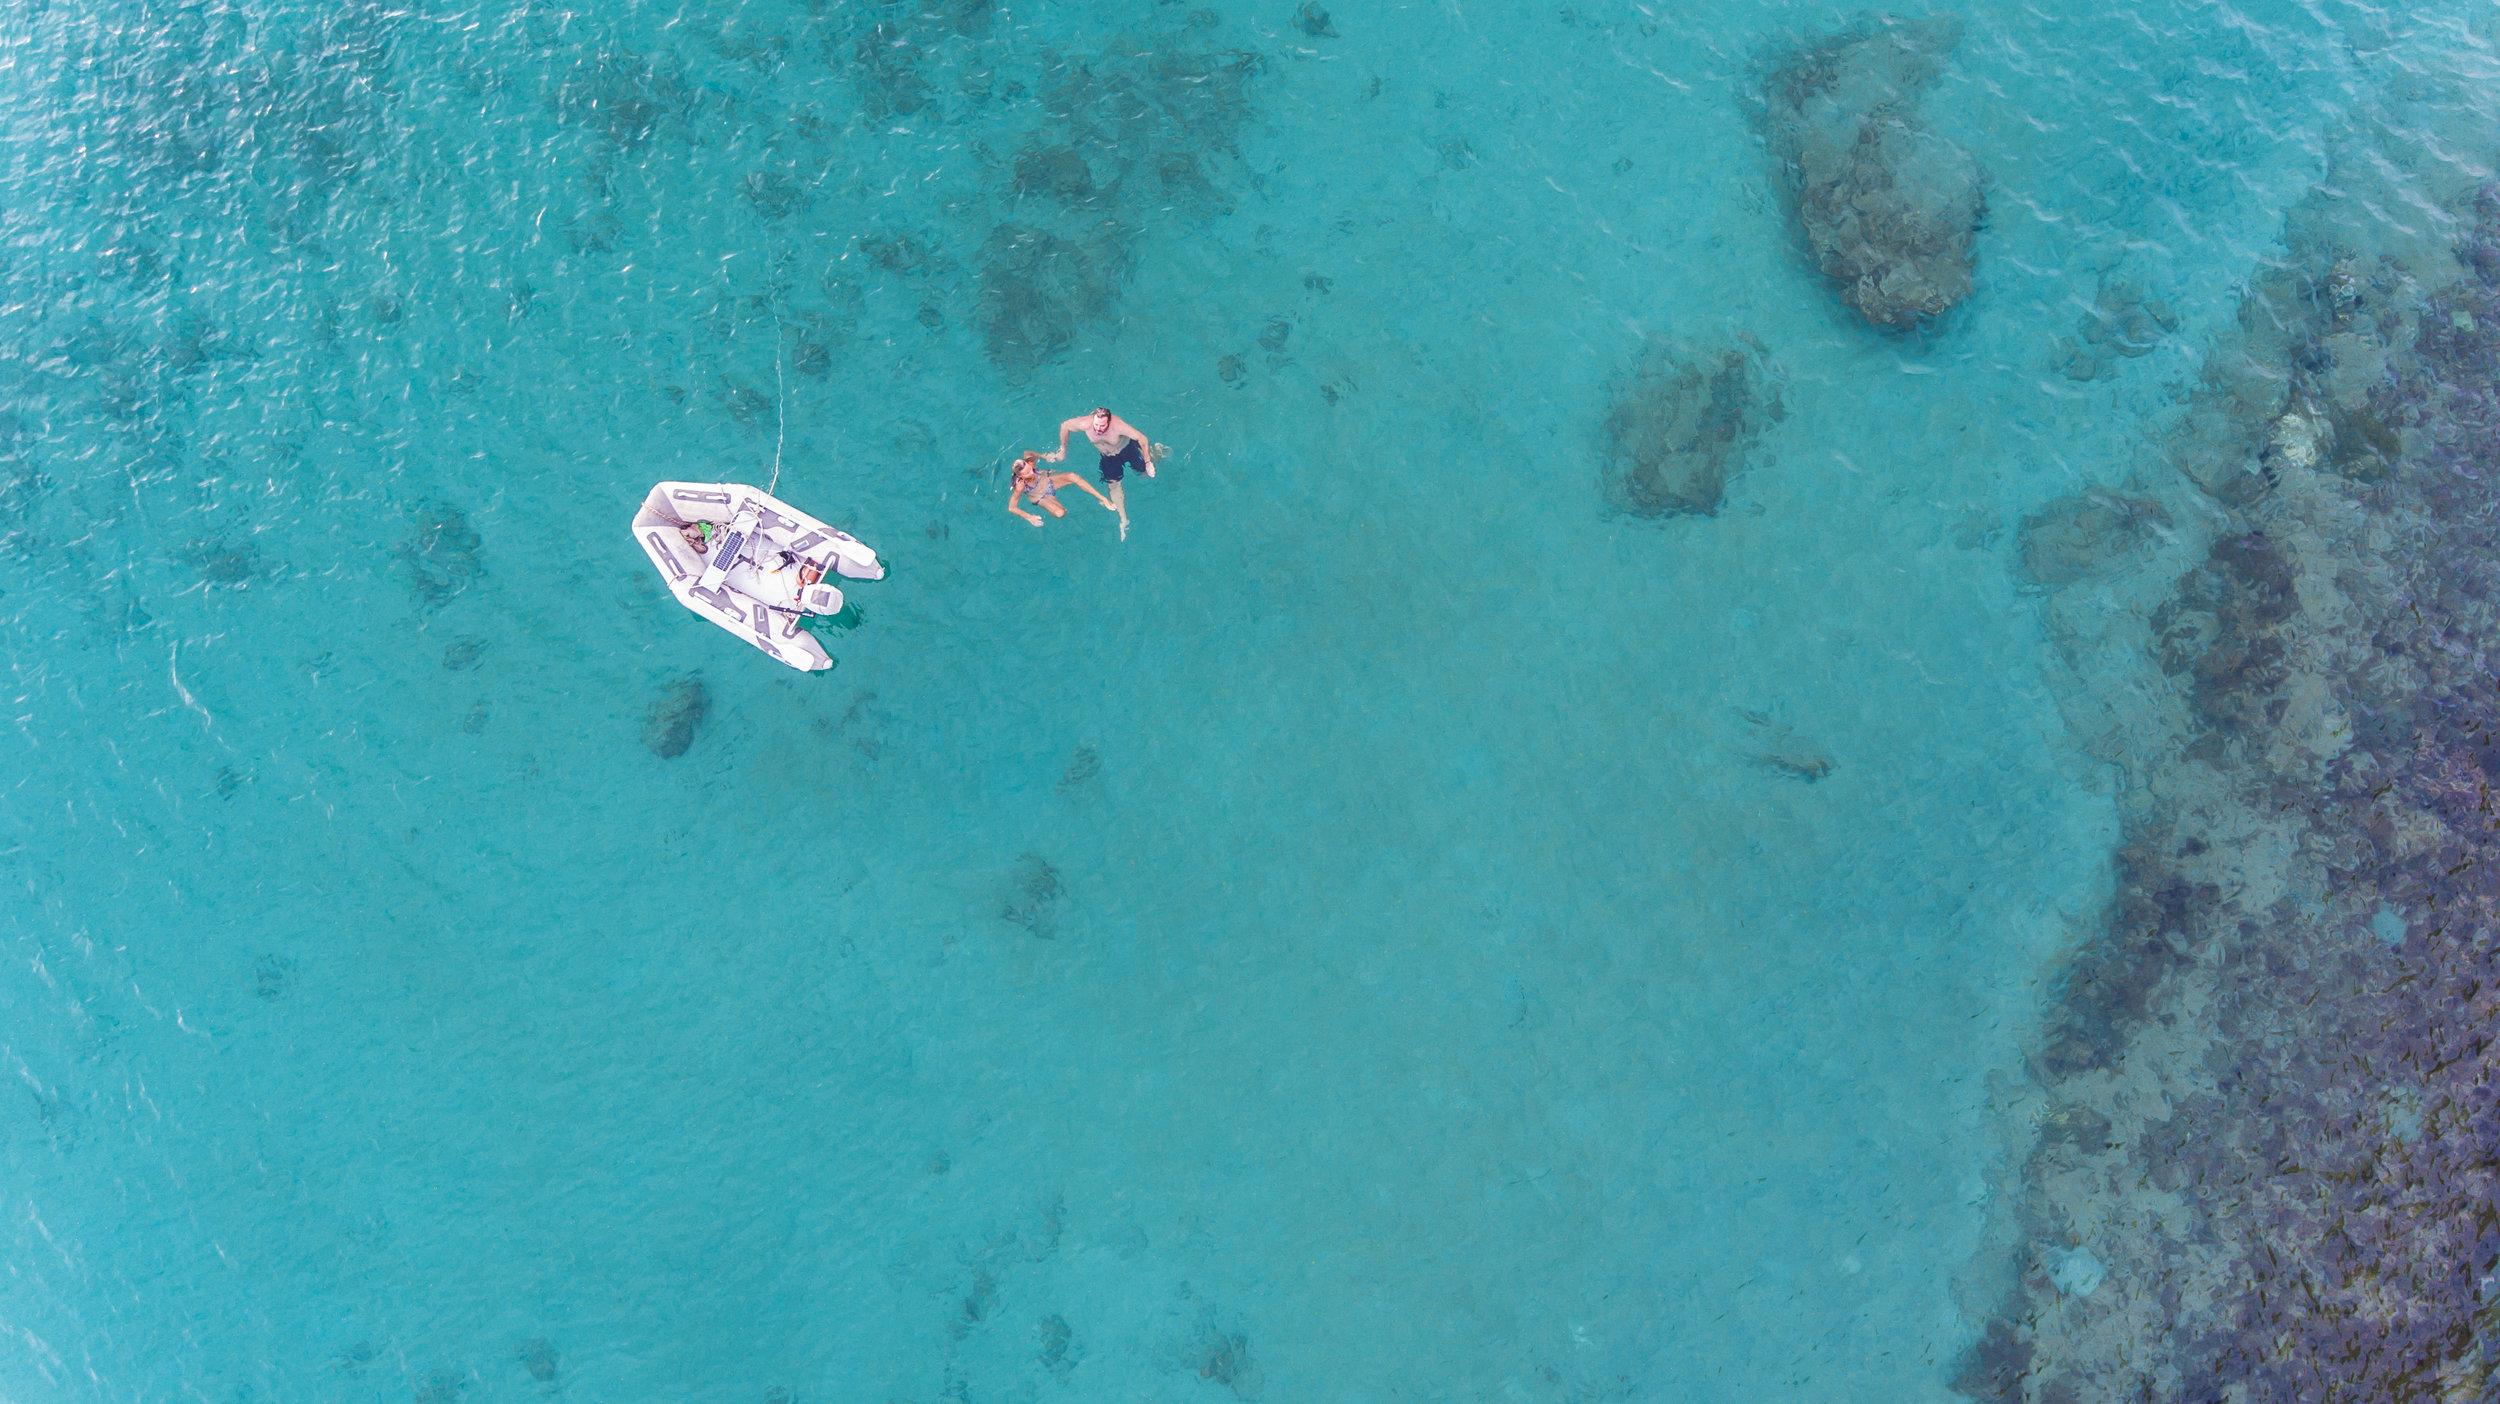 St.George's reef, grenada credit: hugh whyte / coral reef image bank